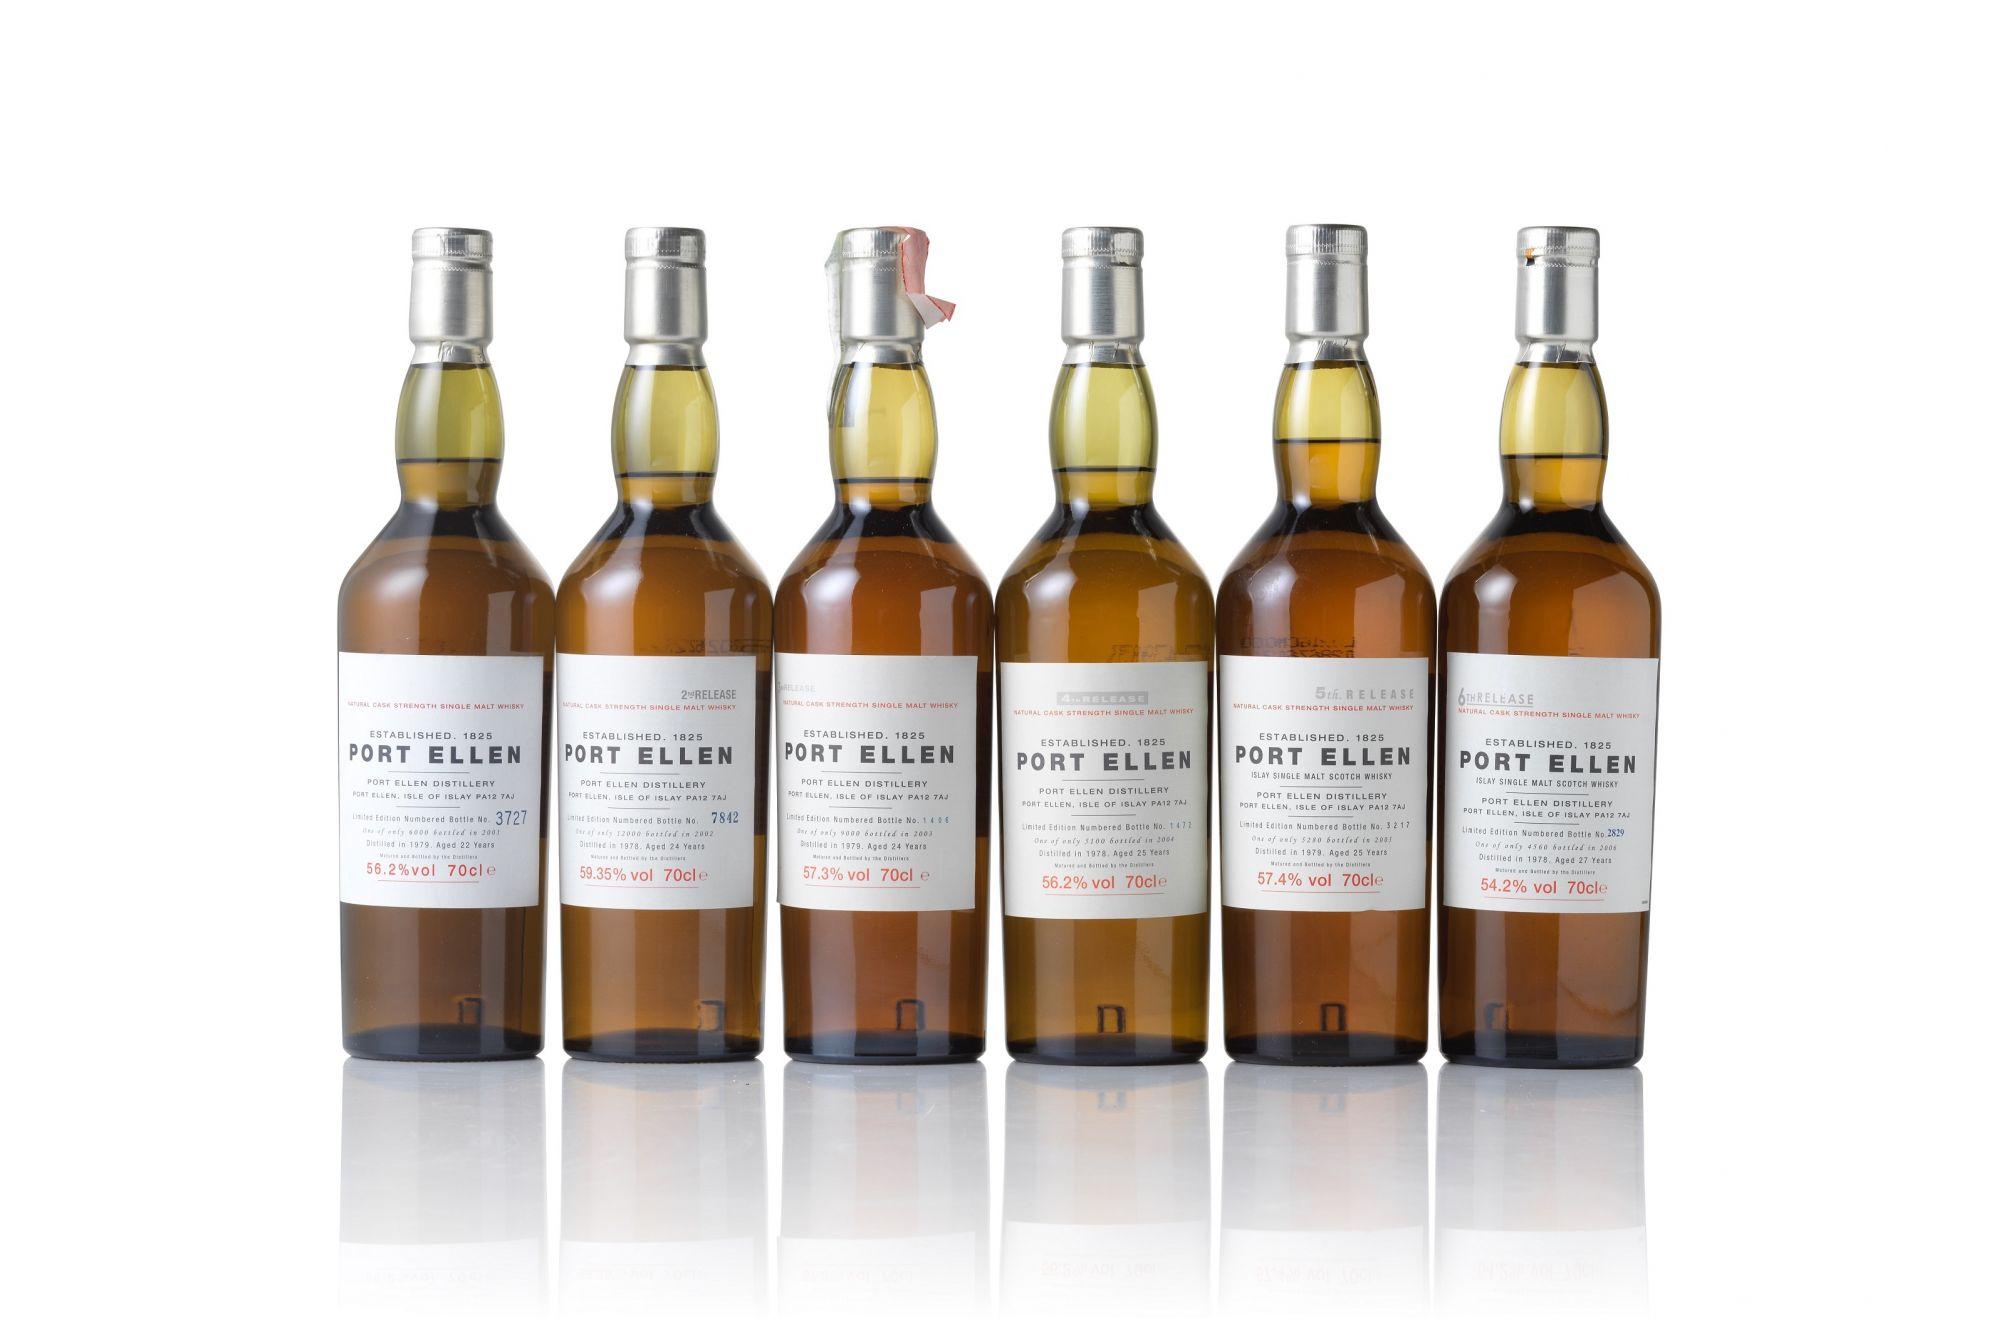 珍罕山崎50年珍釀成香港邦瀚斯威士忌拍賣焦點